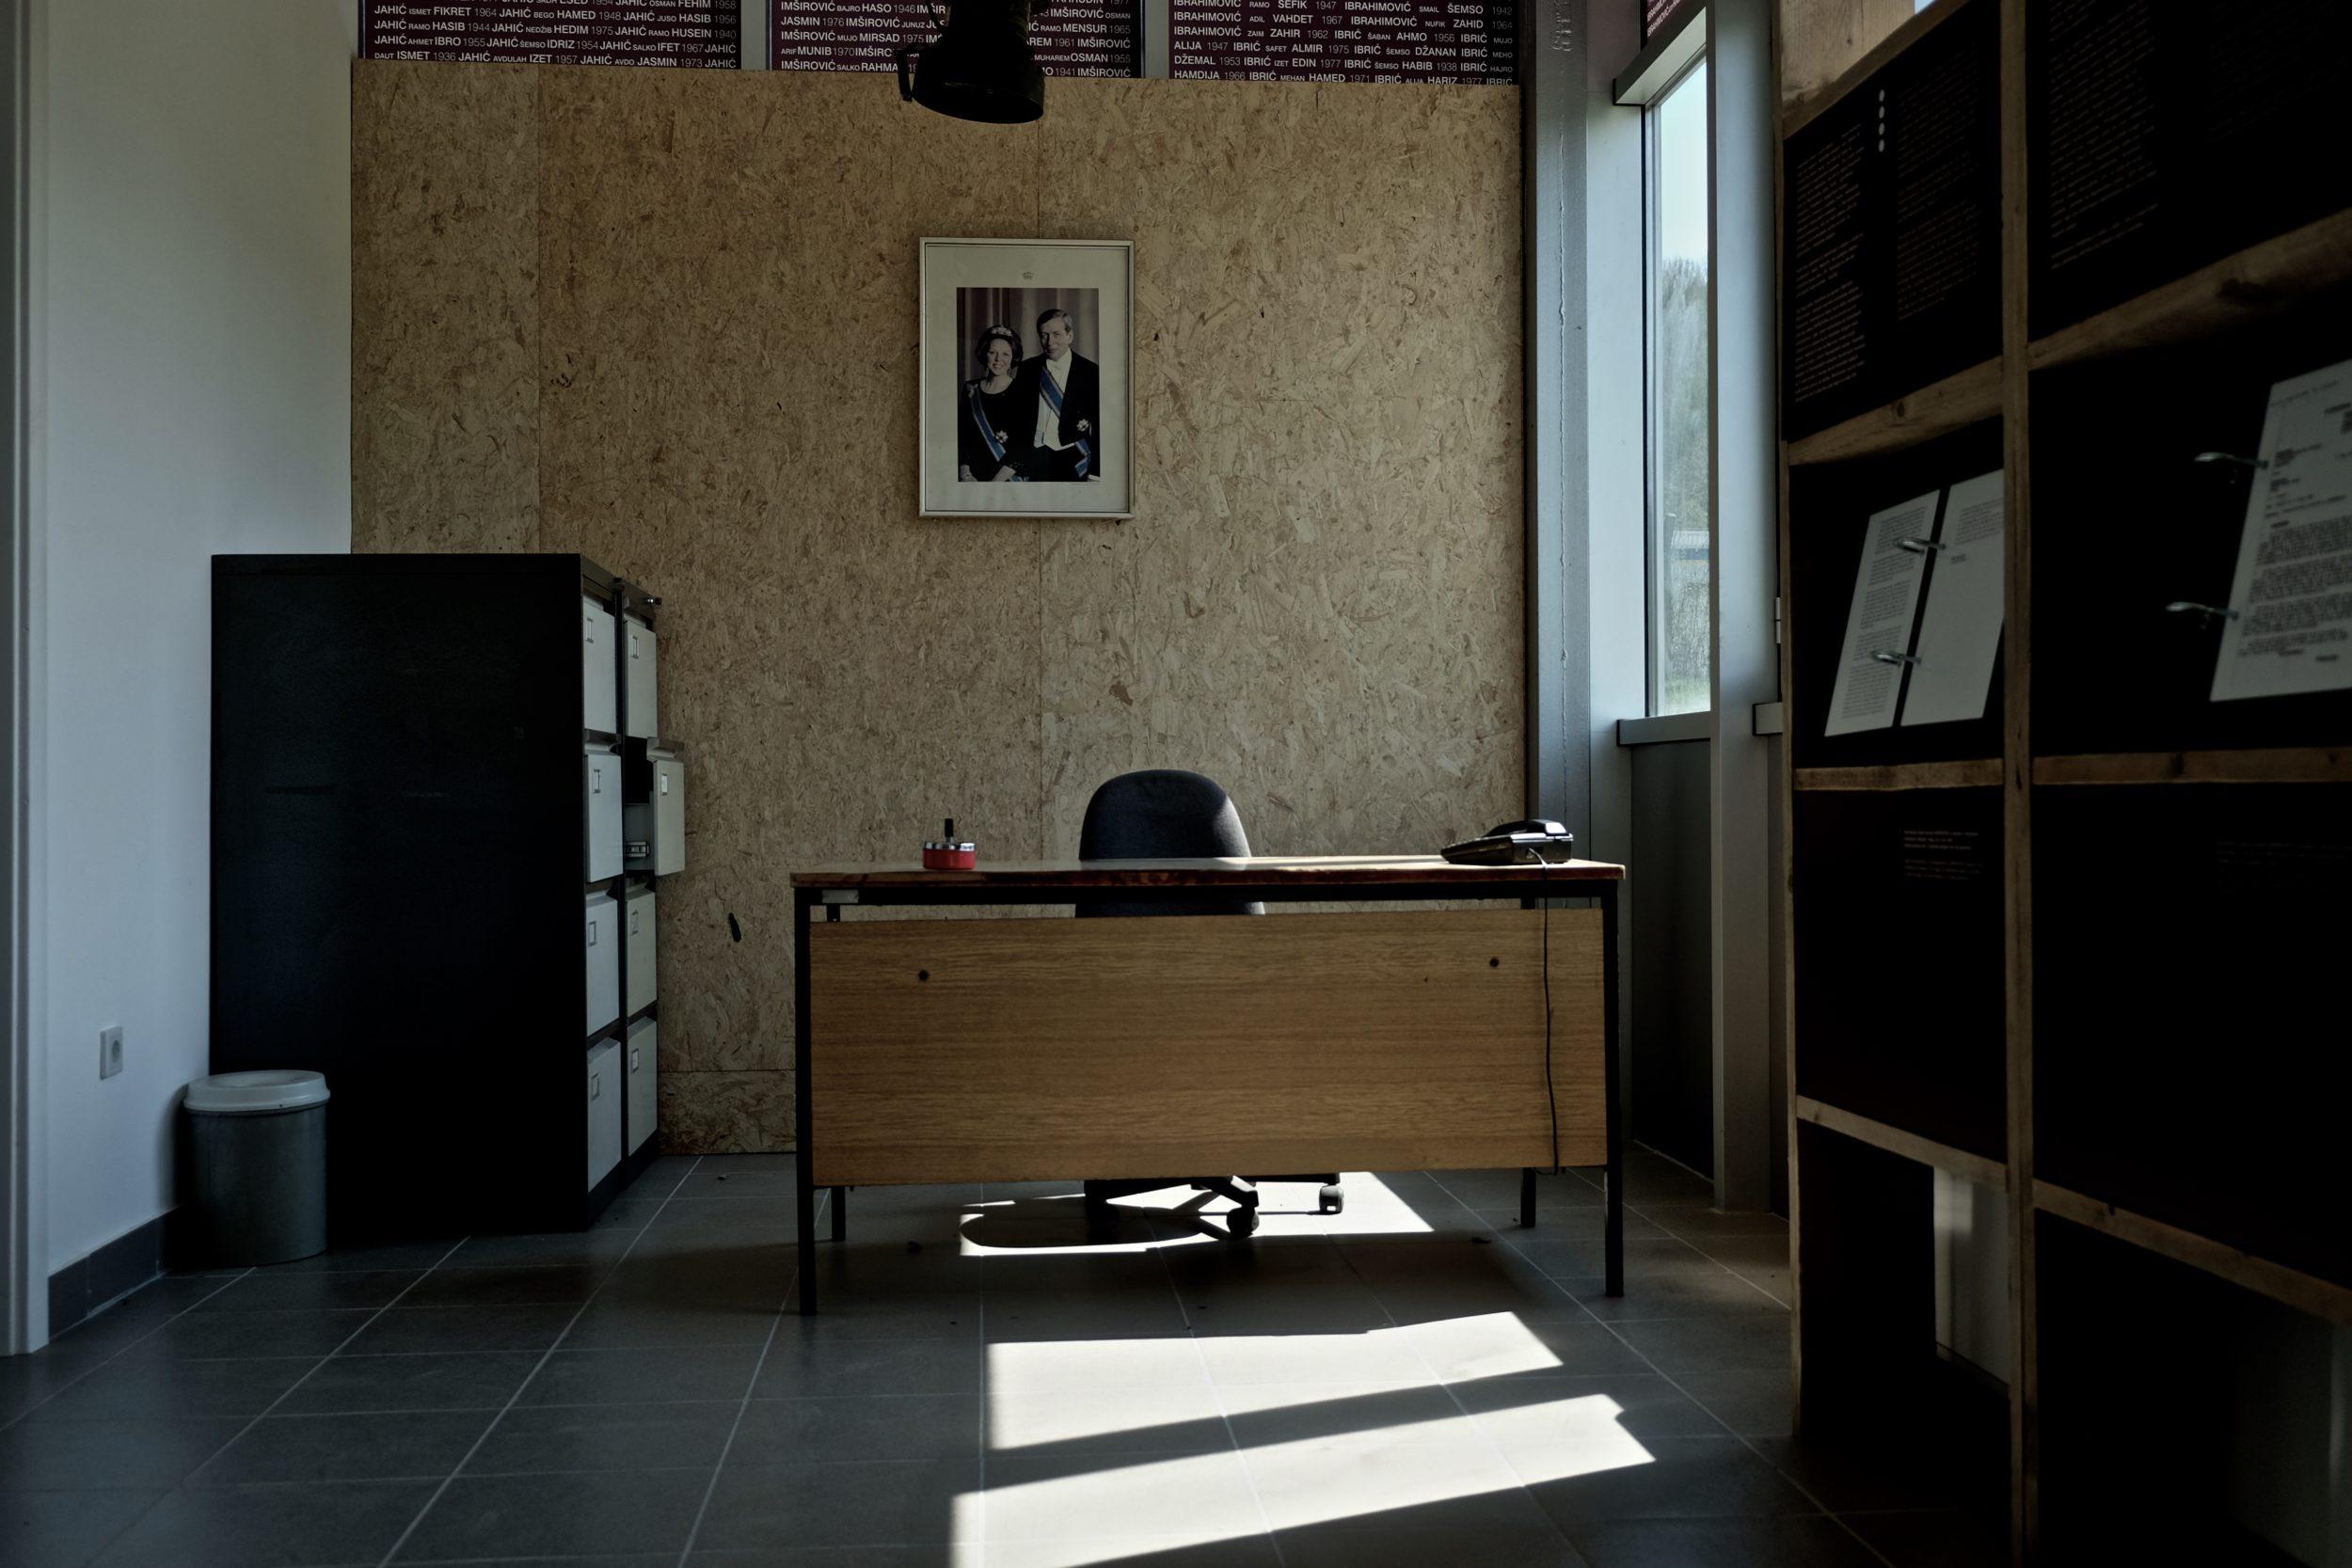 Ricostruzione dell'ufficio del comandante Carremans a Potocari, Srebrenica.